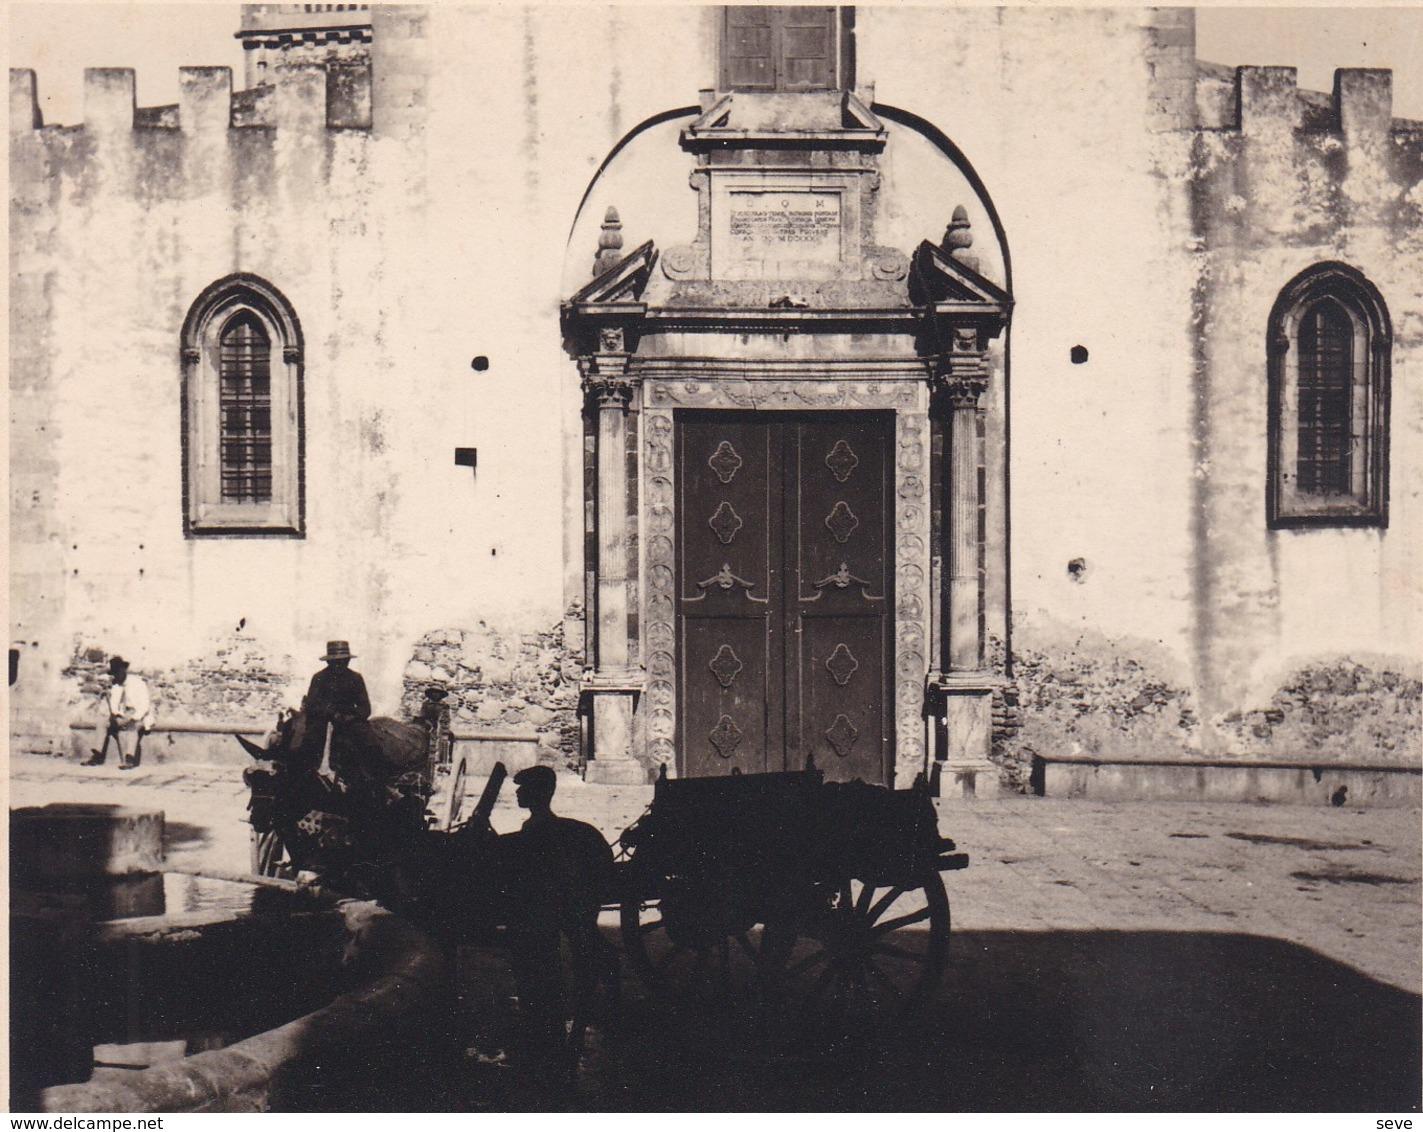 TAORMINA TAORMINE SICILE Italie  Août 1926 Photo Amateur Format Environ 6,5 Cm X 5,5 Cm - Lieux